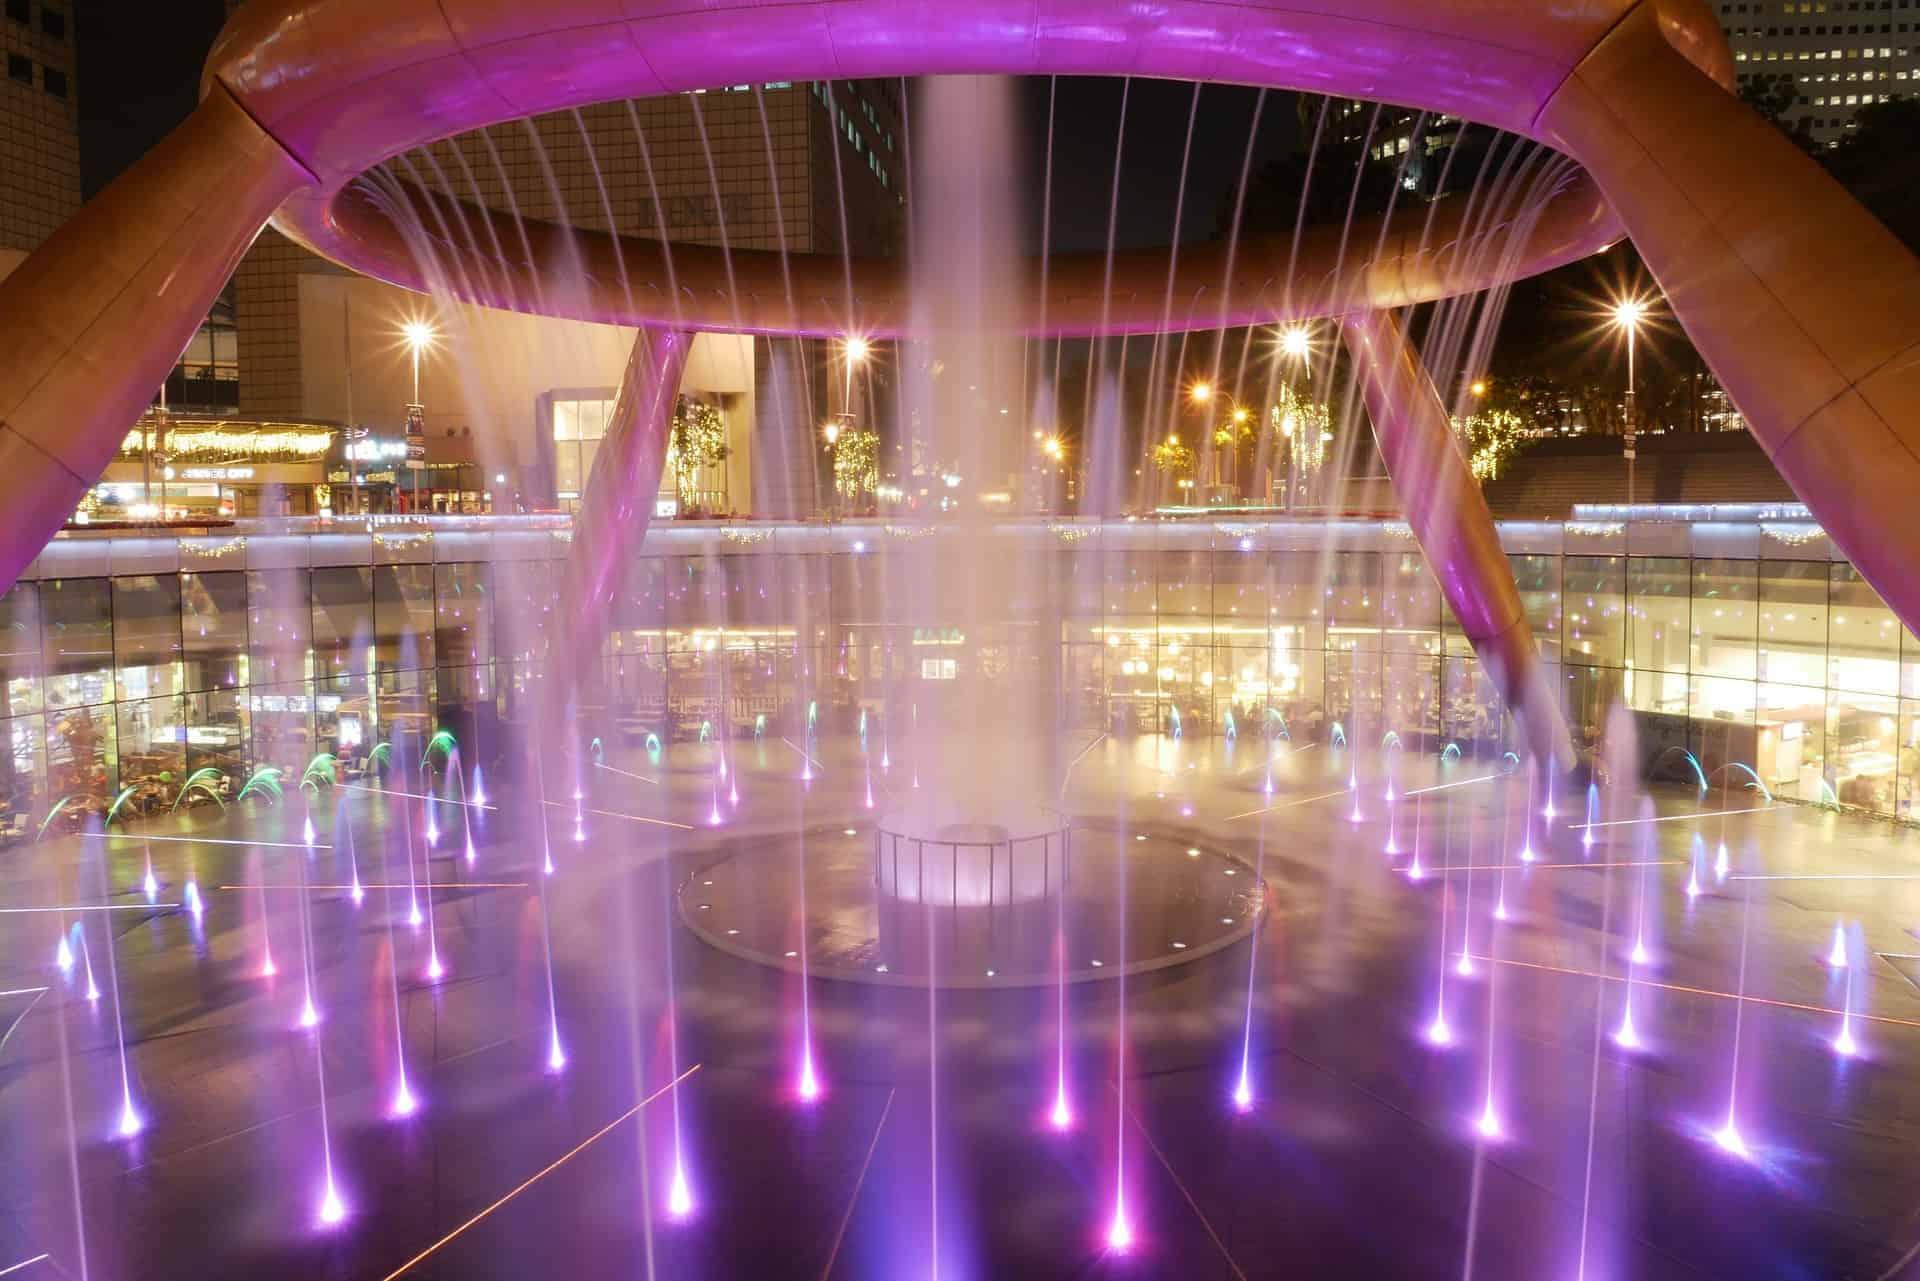 สิงคโปร์ น้ำพุแห่งความมั่งคั่ง